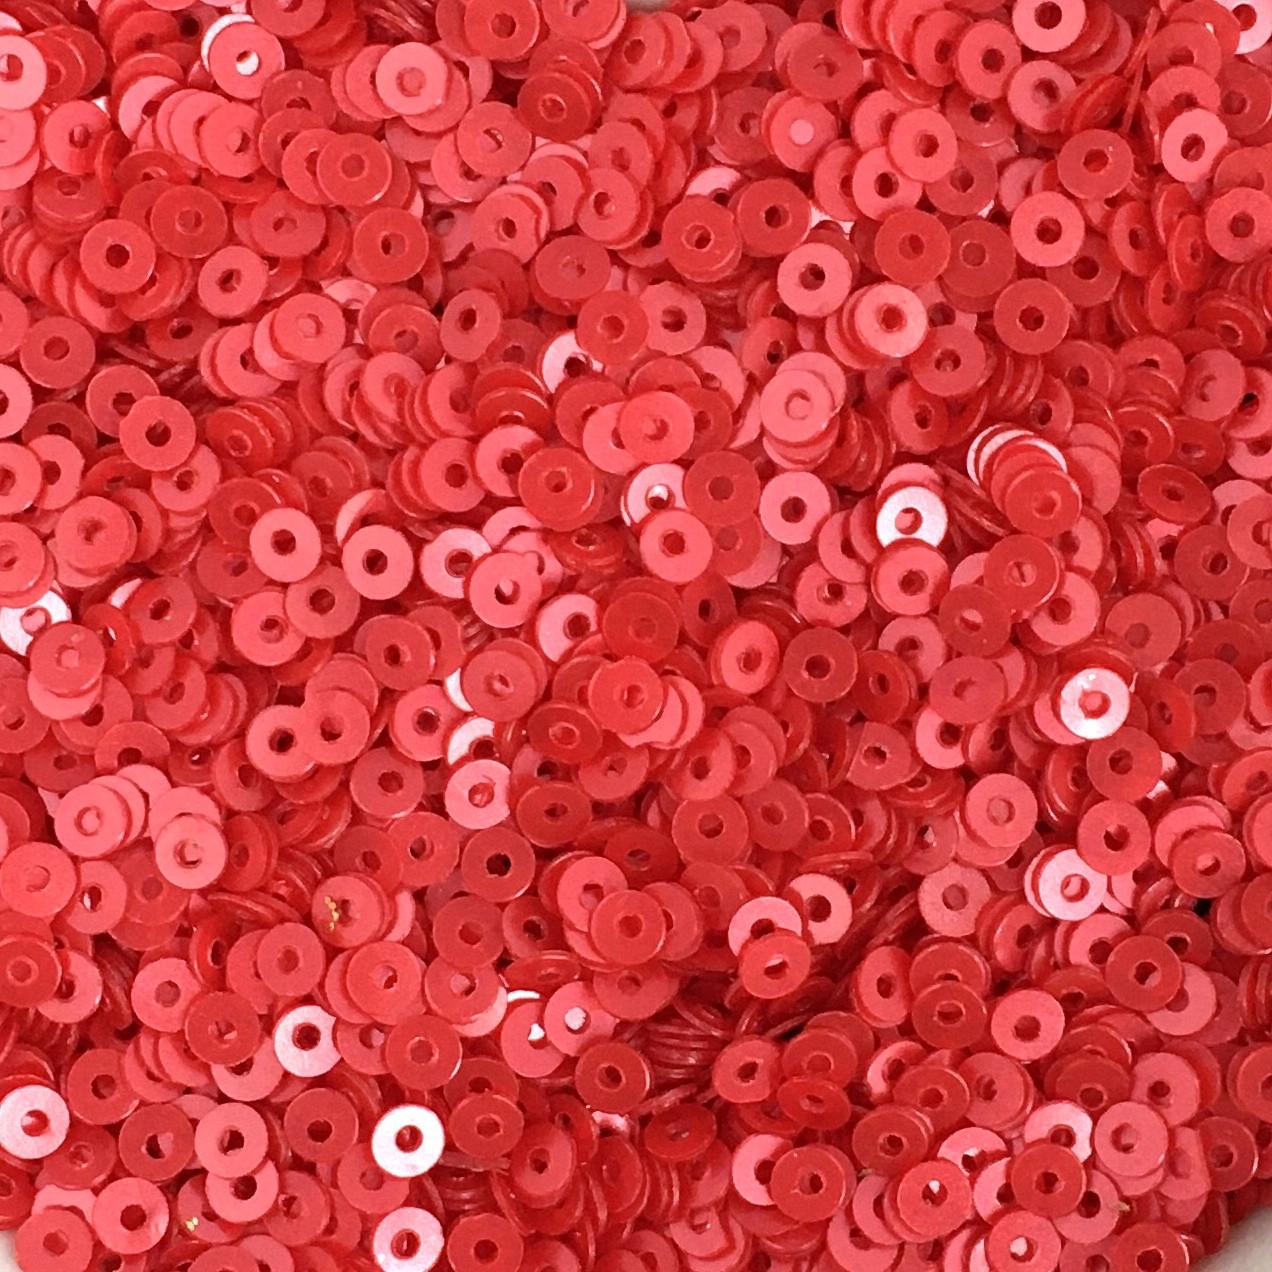 Пайетки 2 мм (Индия). Круглая плоская. Красная роза (сатин). Упаковка 5 гр.